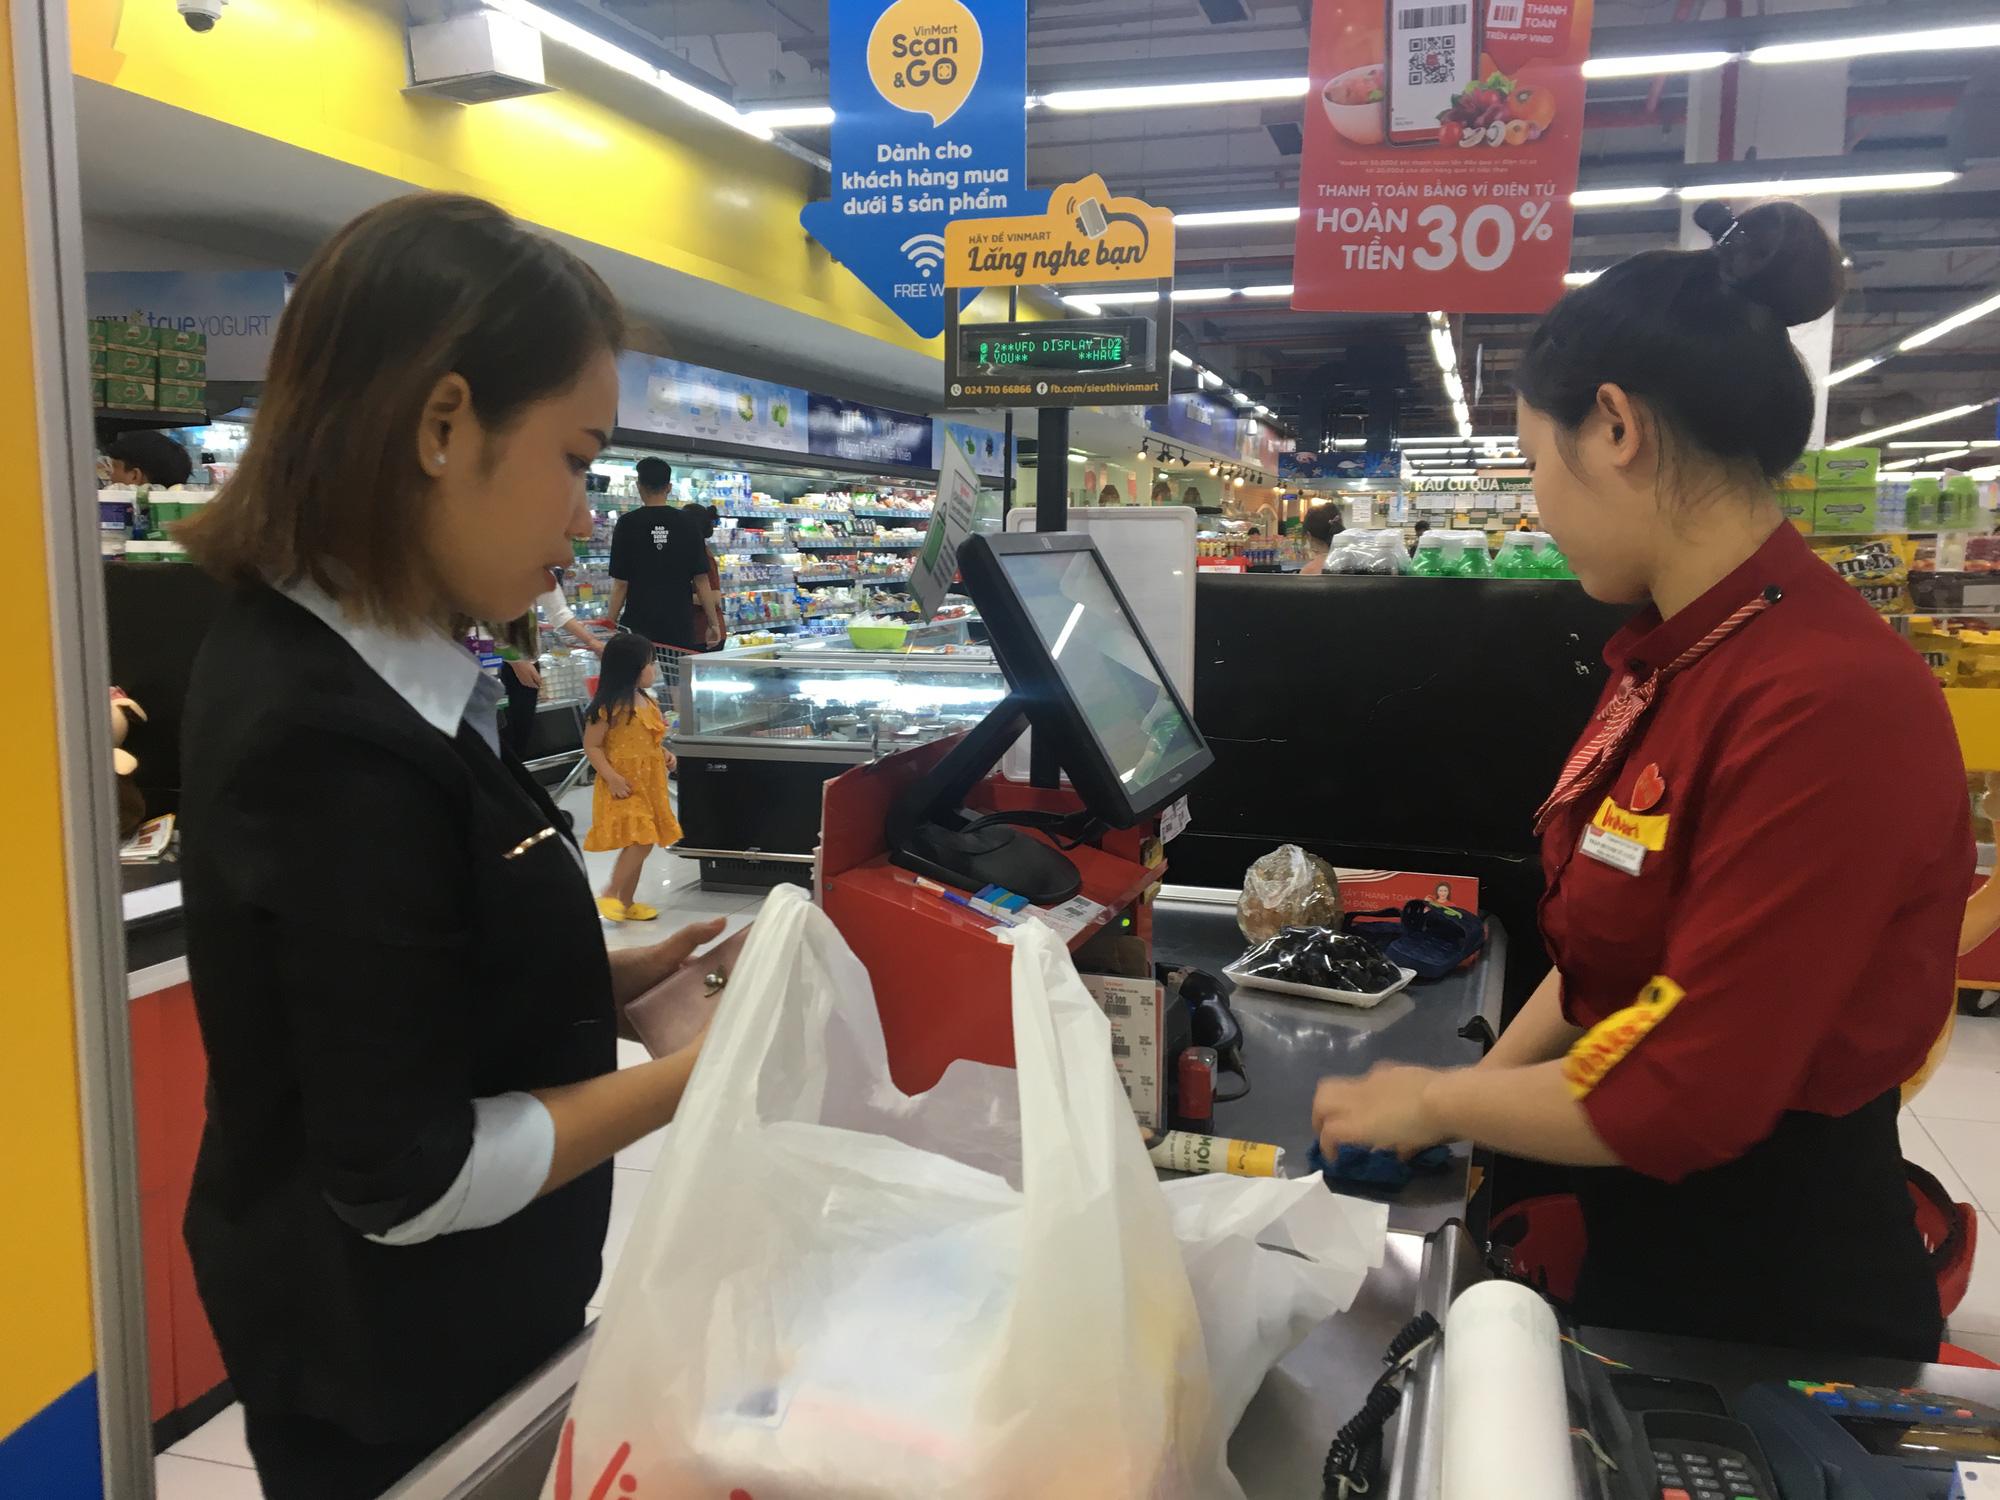 Việt Nam có 7 đại diện lọt top 200 doanh nghiệp tỉ đô tốt nhất Châu Á - Thái Bình Dương - Ảnh 2.